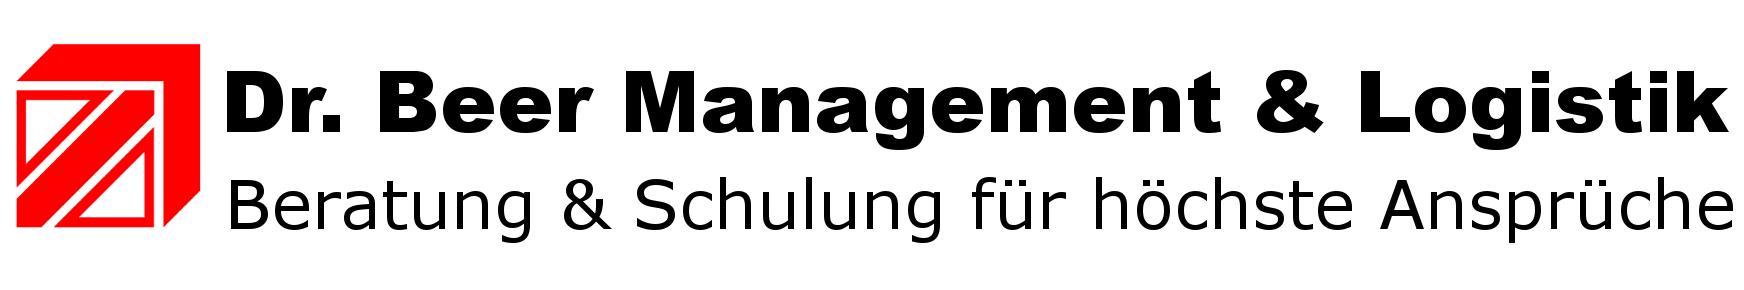 Stellenbeschreibungen.de - Stellenbeschreibungen und Funktionsbeschreibungen zum Sofort-Download-Logo